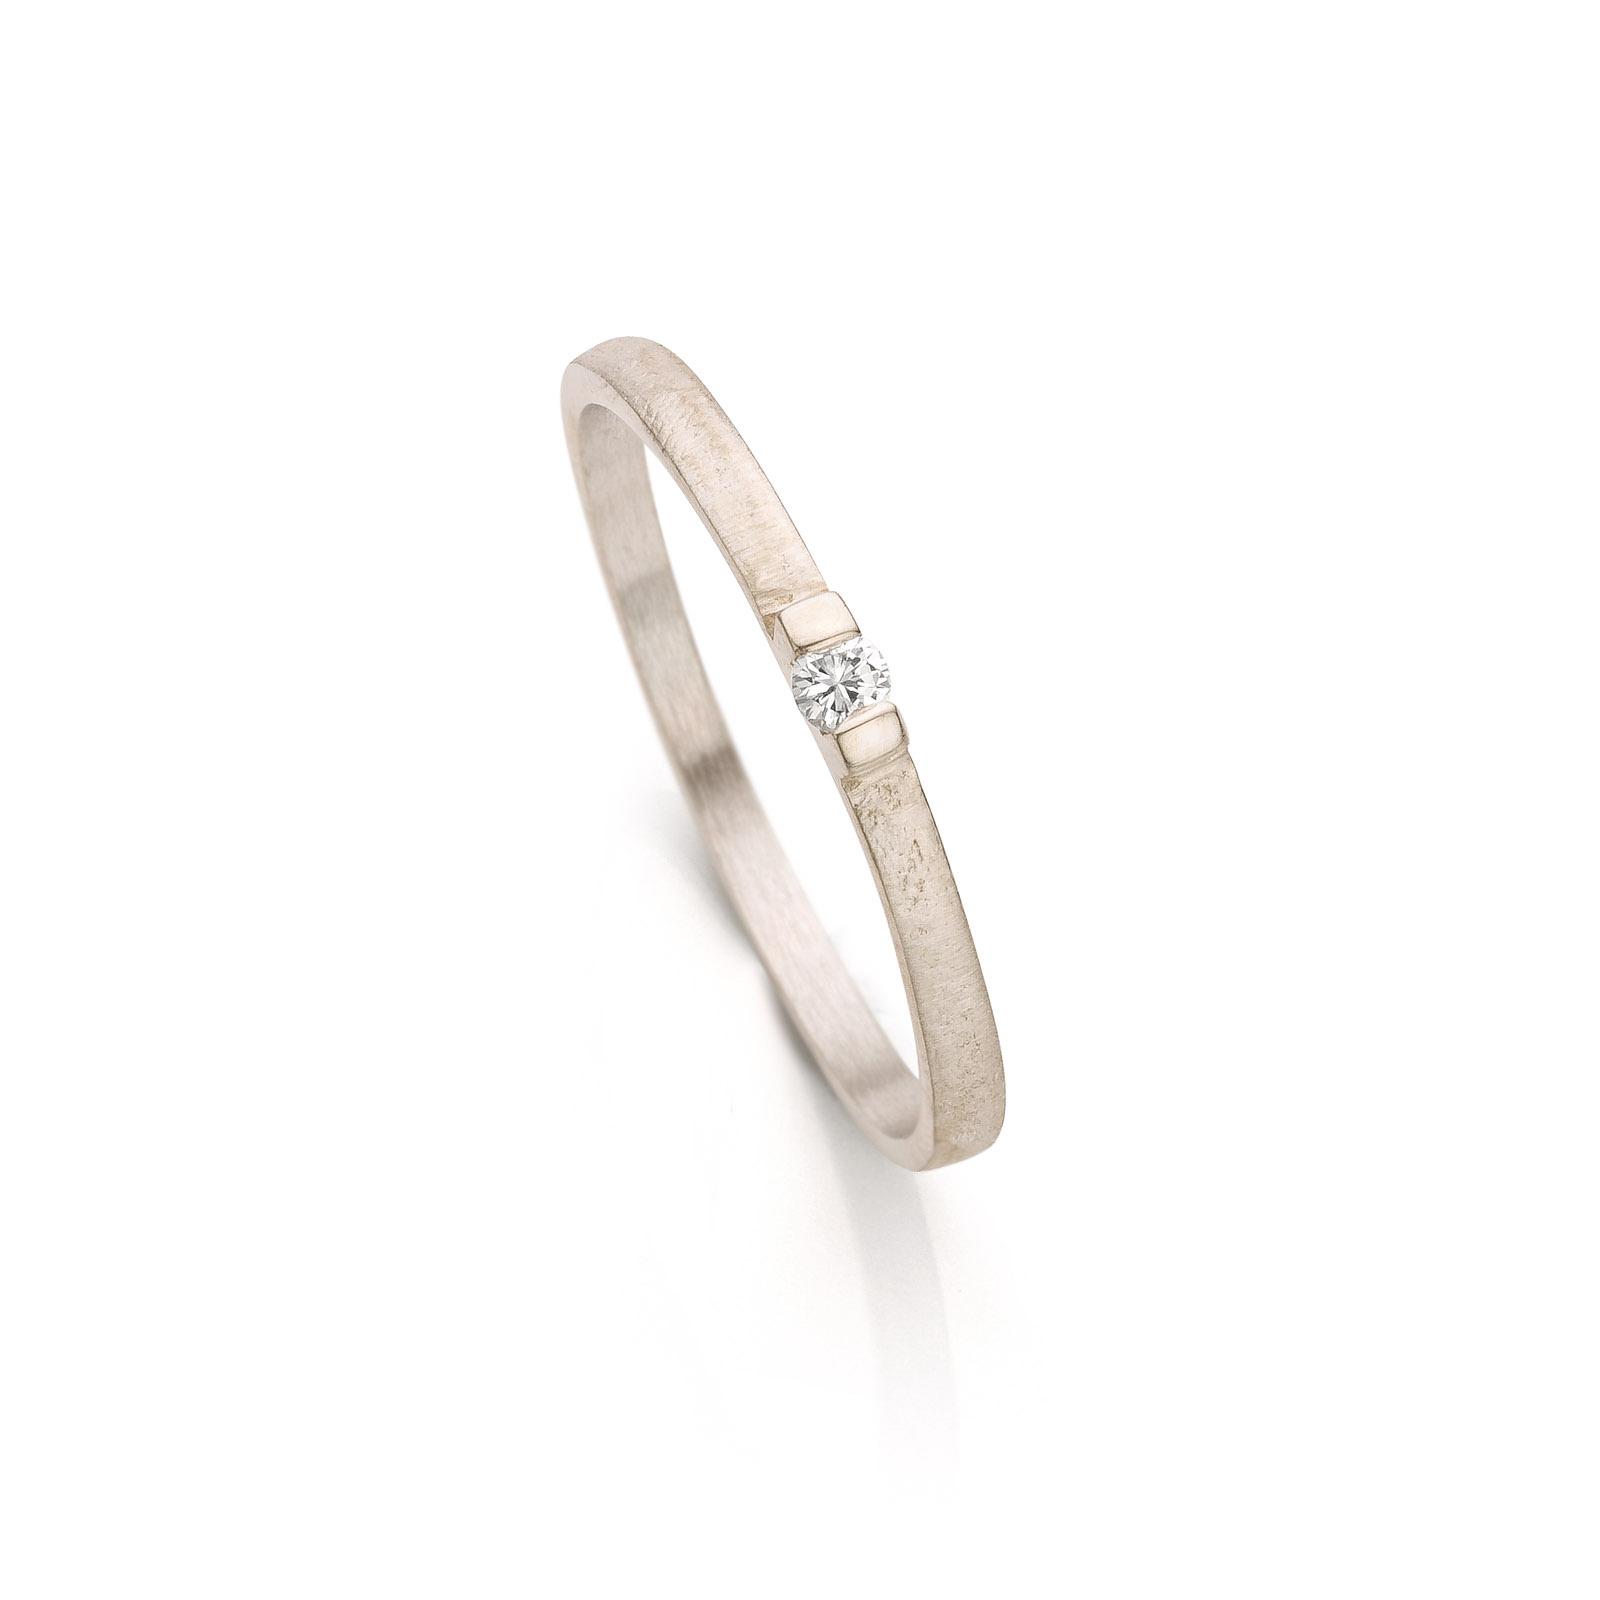 Witgouden verlovingsring met diamant N° 060